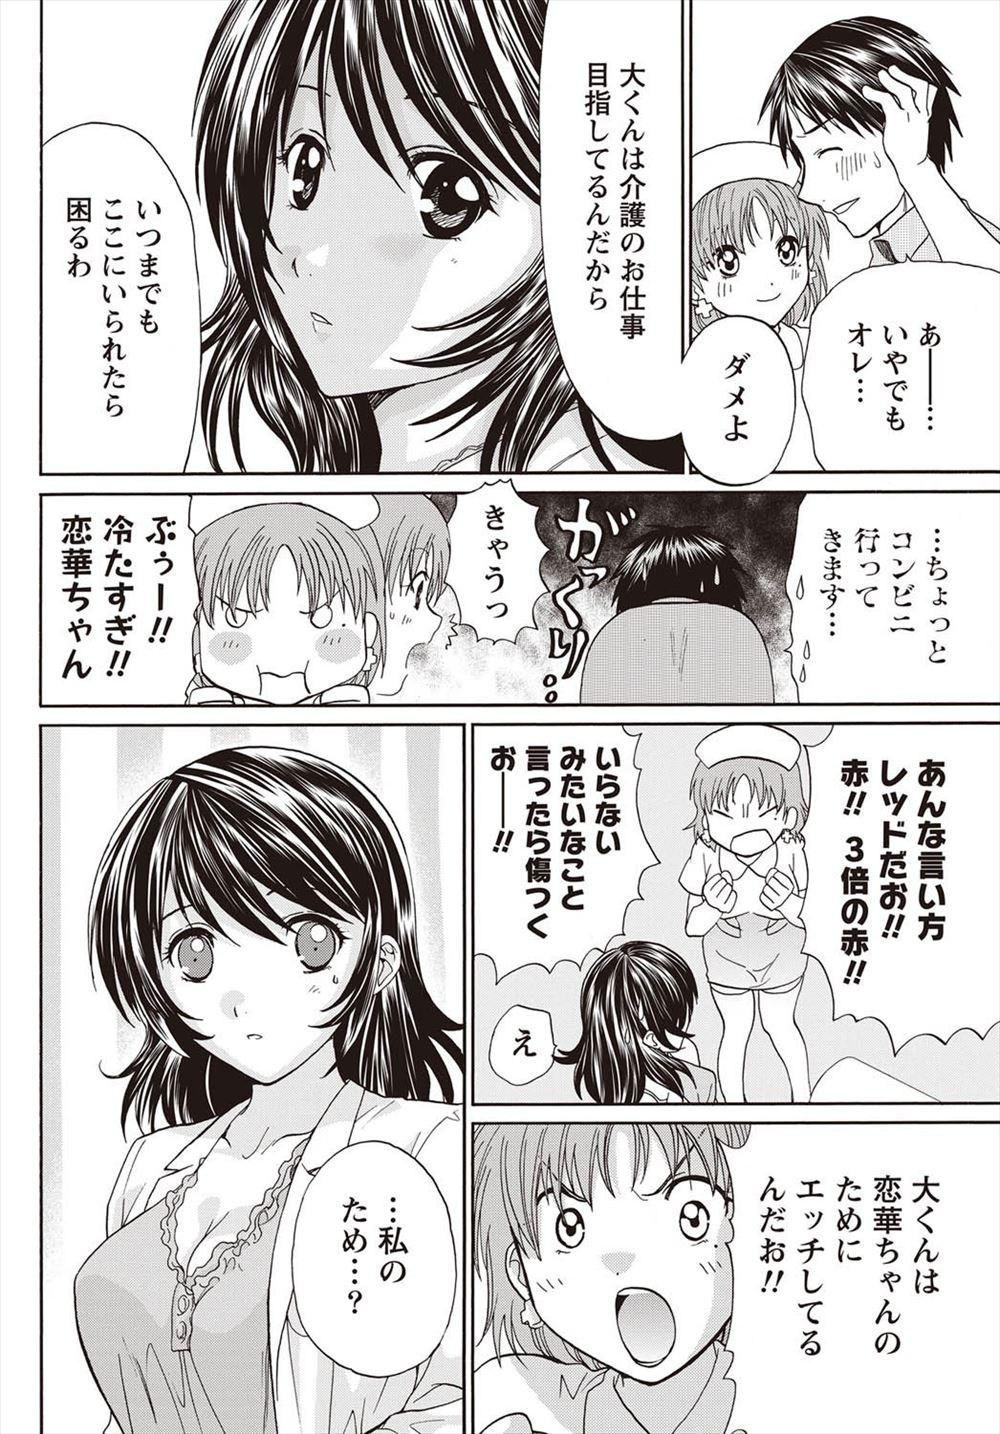 【エロ漫画同人誌】クリニックに来たセックス依存症女を治す、ってことで3Pセックスで問題解決する恋華さんwwww 004